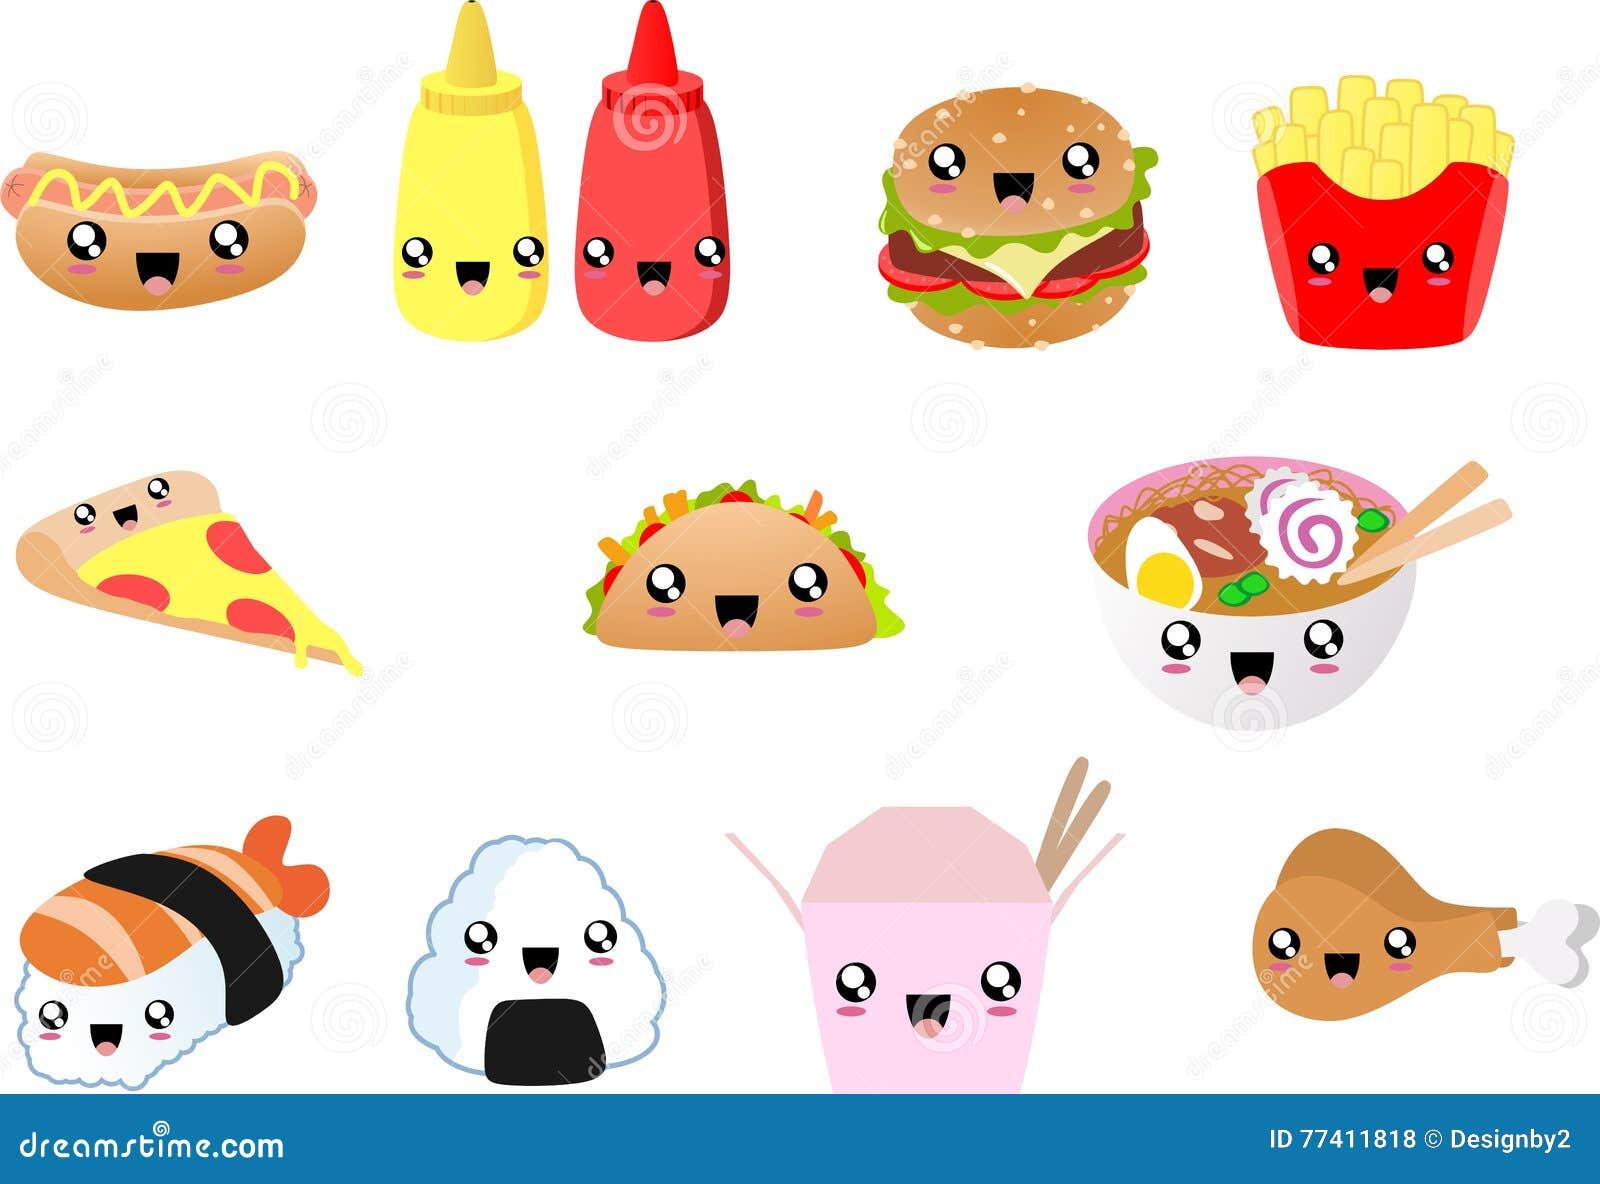 Fast Food Kawaii Food, Hot Dog, Hamburguer, Pizza Night